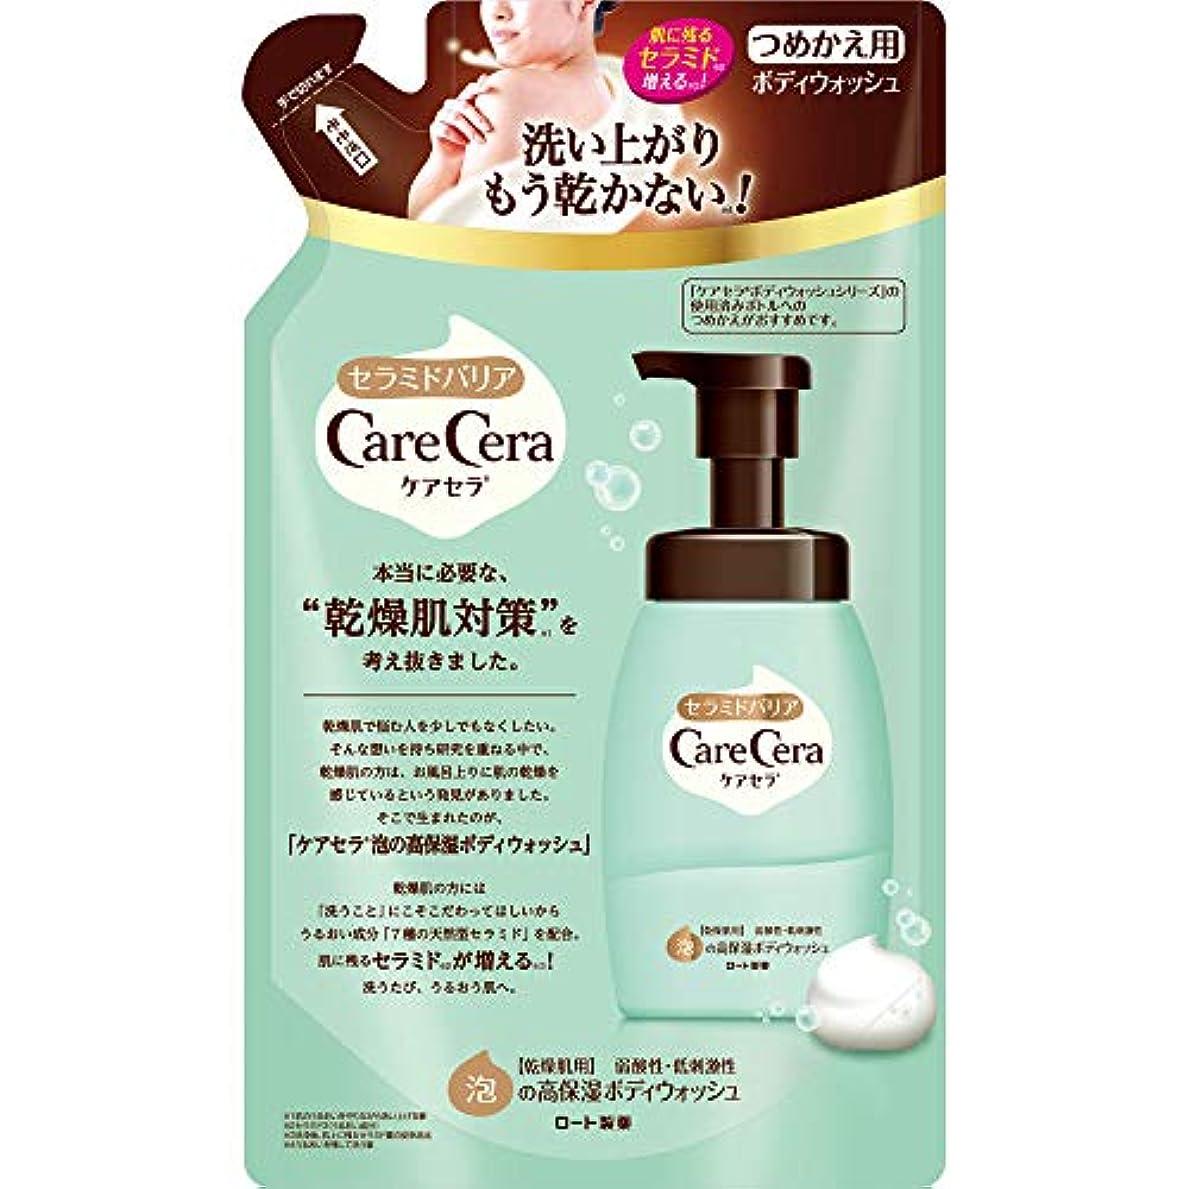 拒否フクロウ合併症CareCera(ケアセラ) 泡の高保湿 ボディウォッシュ 詰め替え 350mL